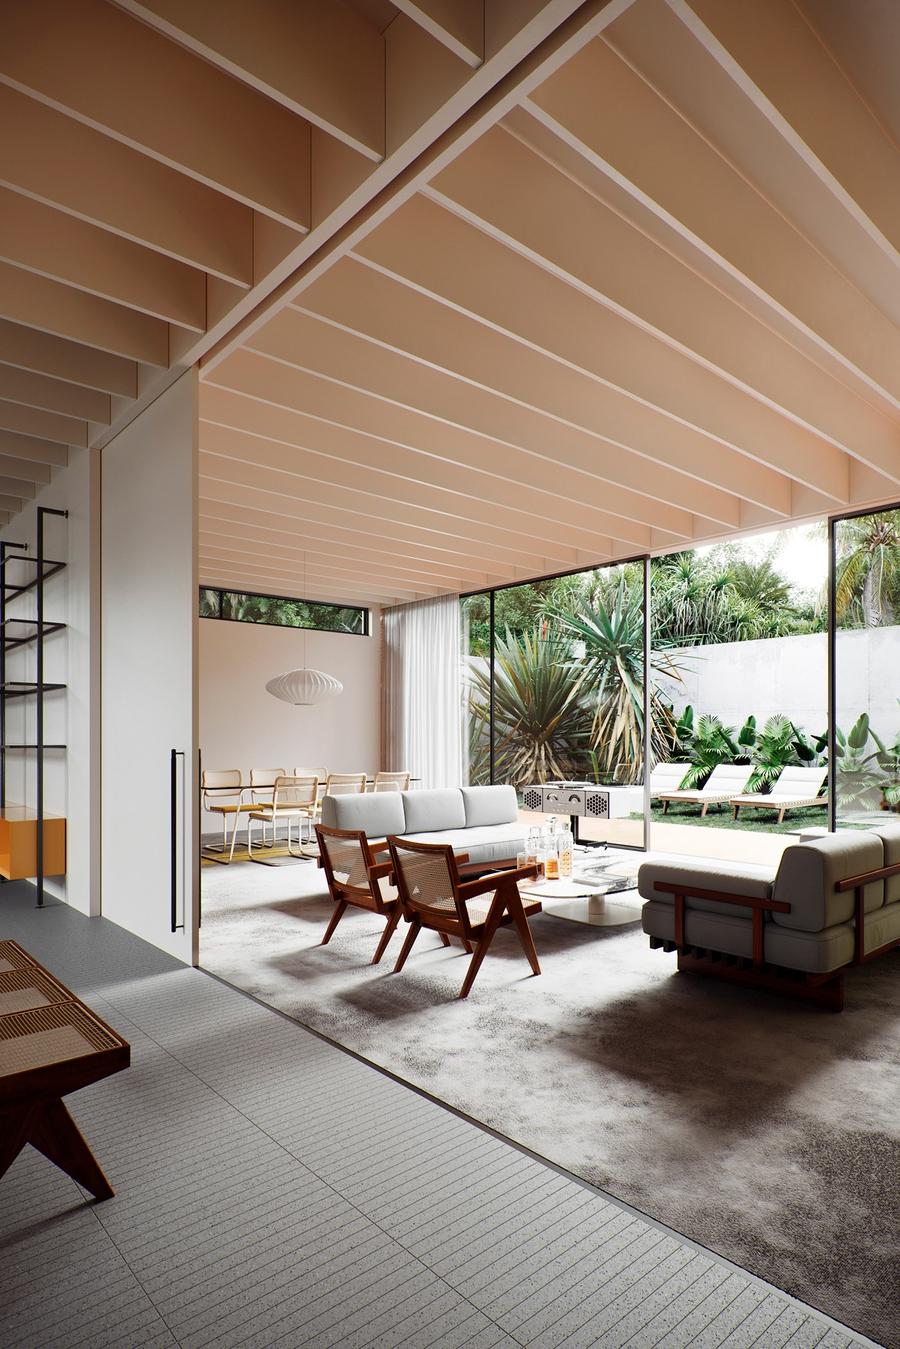 Thiết kế phòng khách có tầm view nhìn ra sân vườn